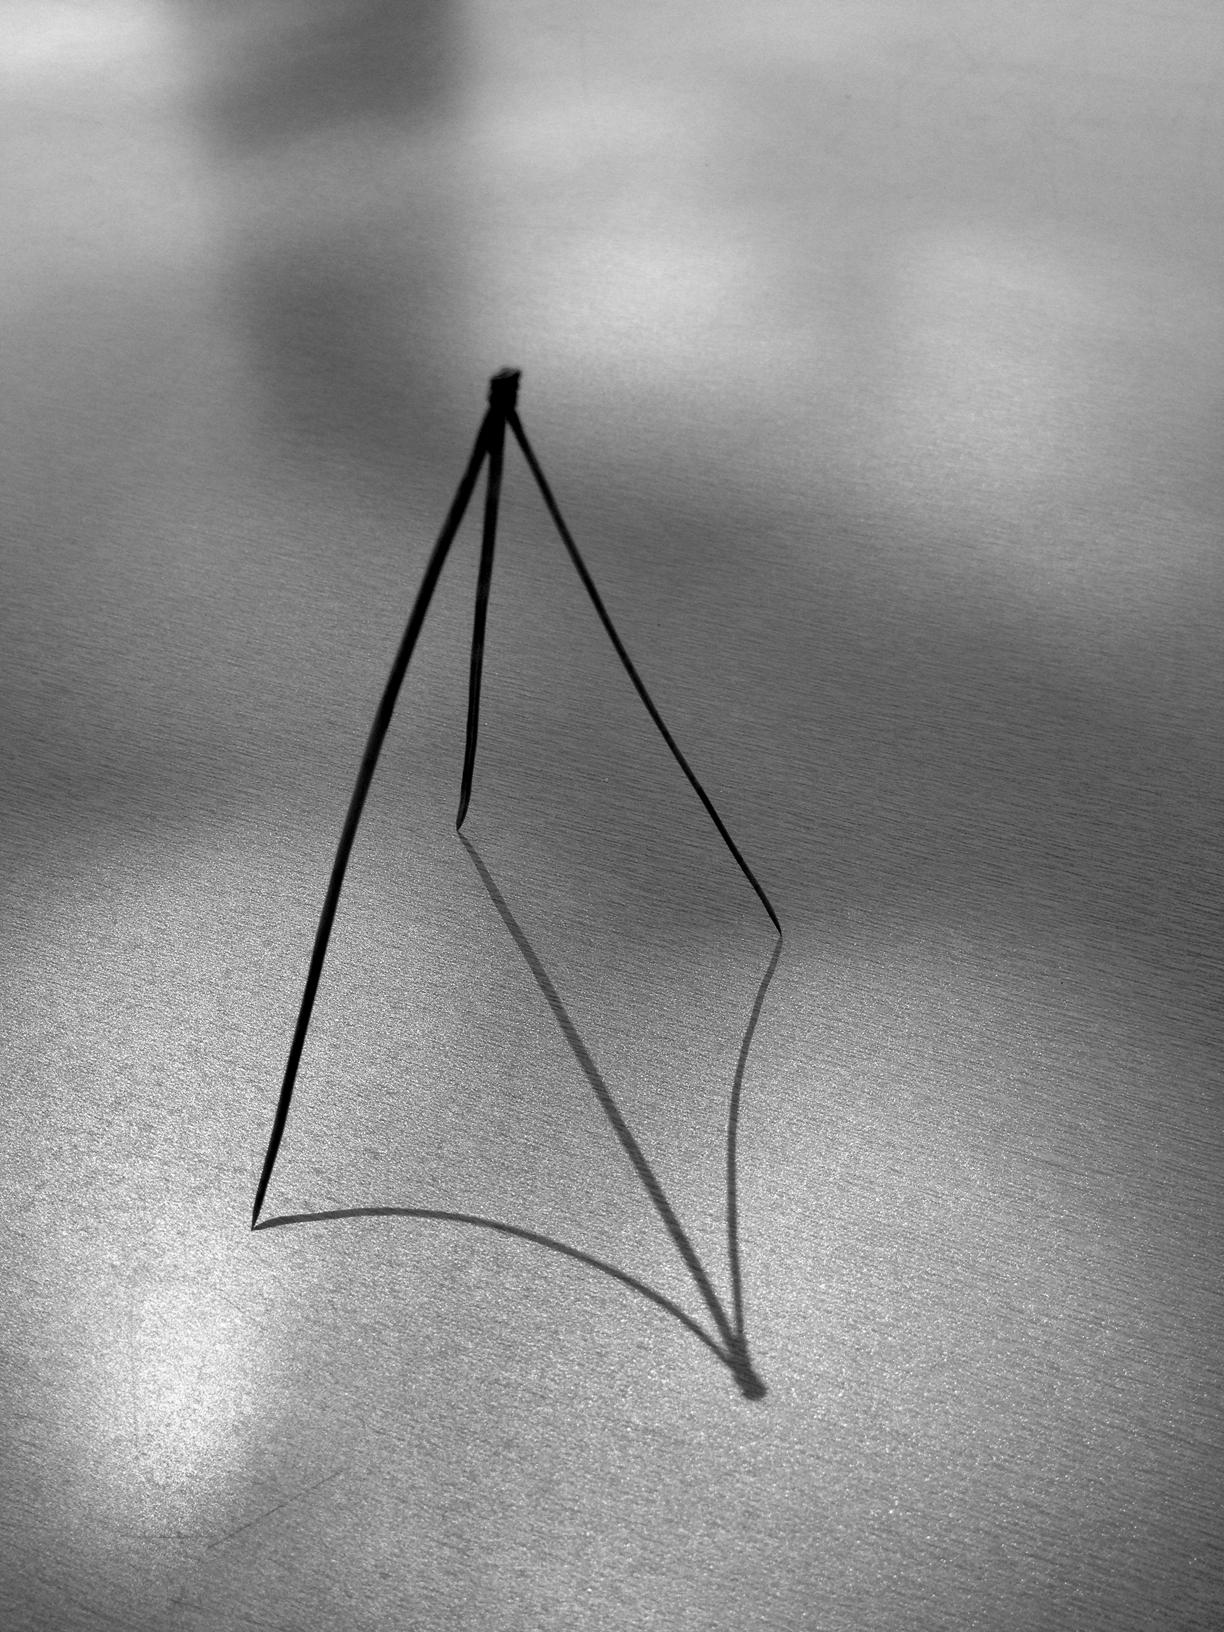 Gigaro-Tisch, Foto M. Kreyssig